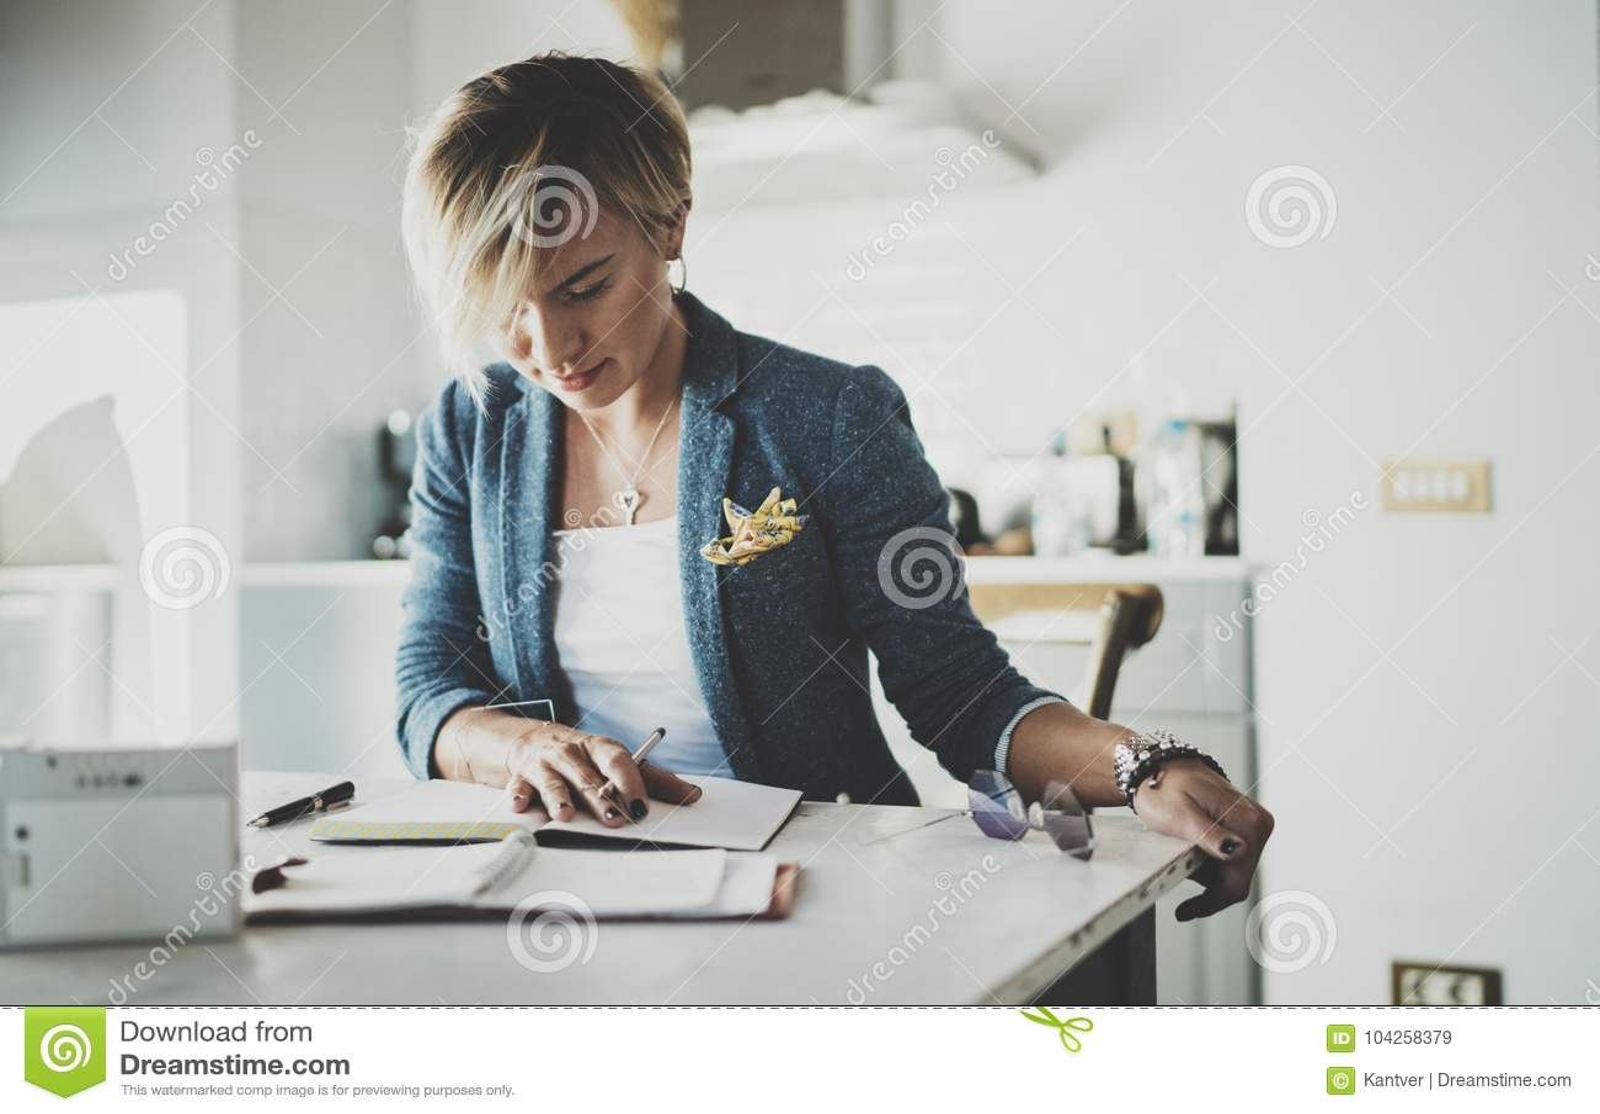 Härlig ung affärskvinnahandstil något i anteckningsbok, medan sitta på fåtöljen på vardagsrum charmig kvinnlig